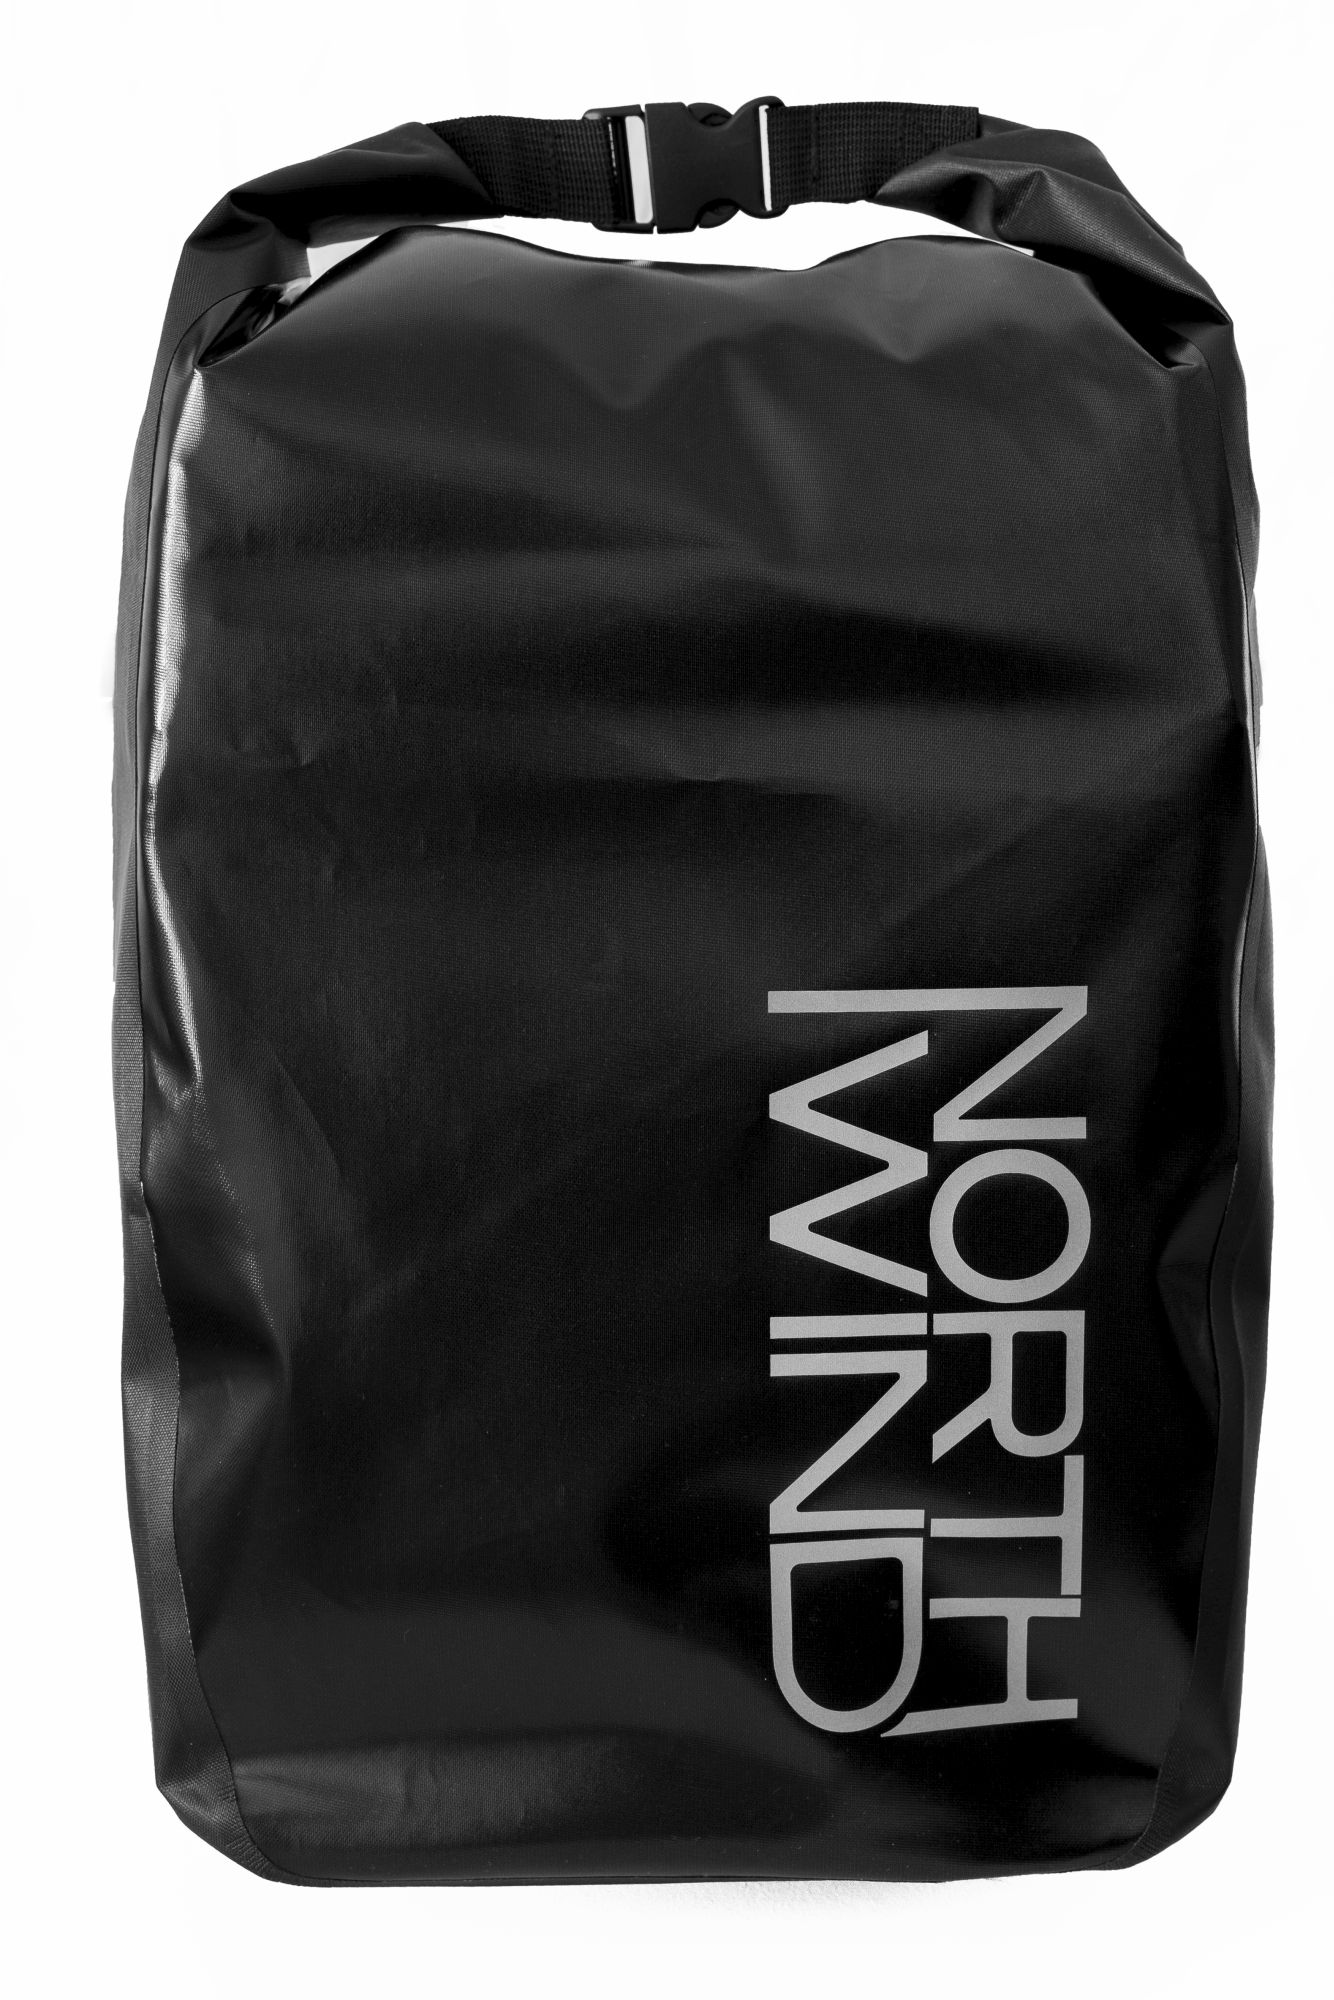 Fahrradteile/Koffer & Körbe: Northwind  Einzeltasche Dive 2.0 ()